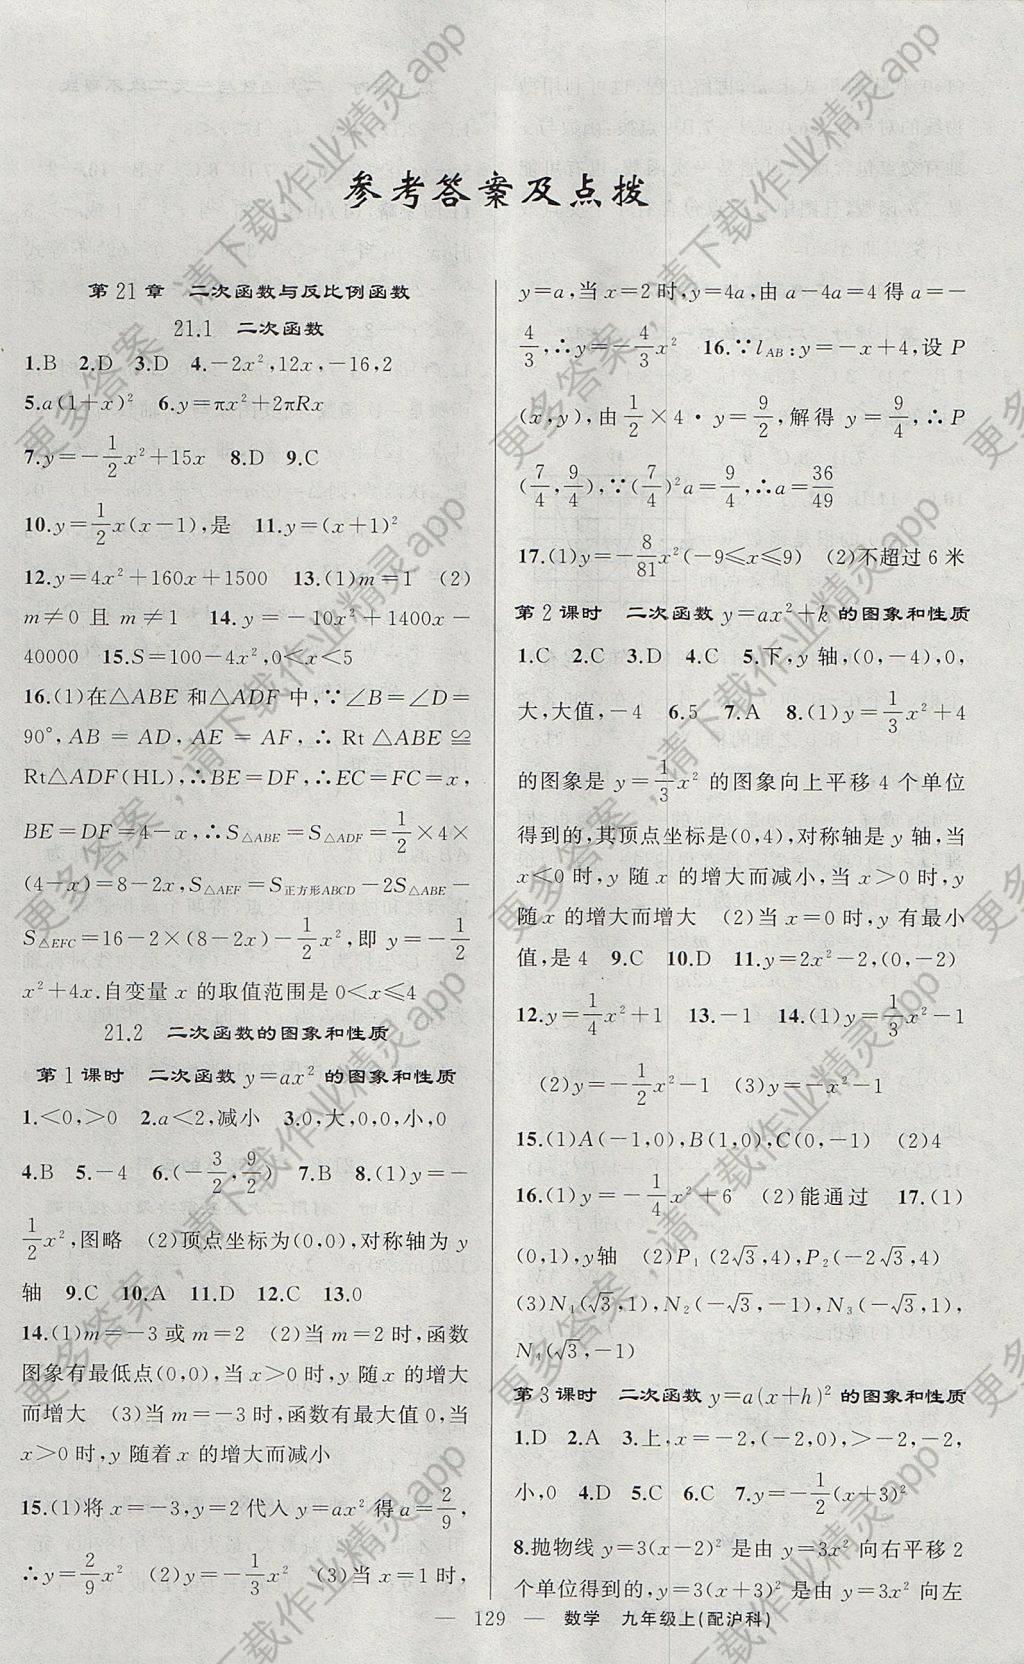 2017年原创新课堂九年级数学上册沪科版 参考答案第1页